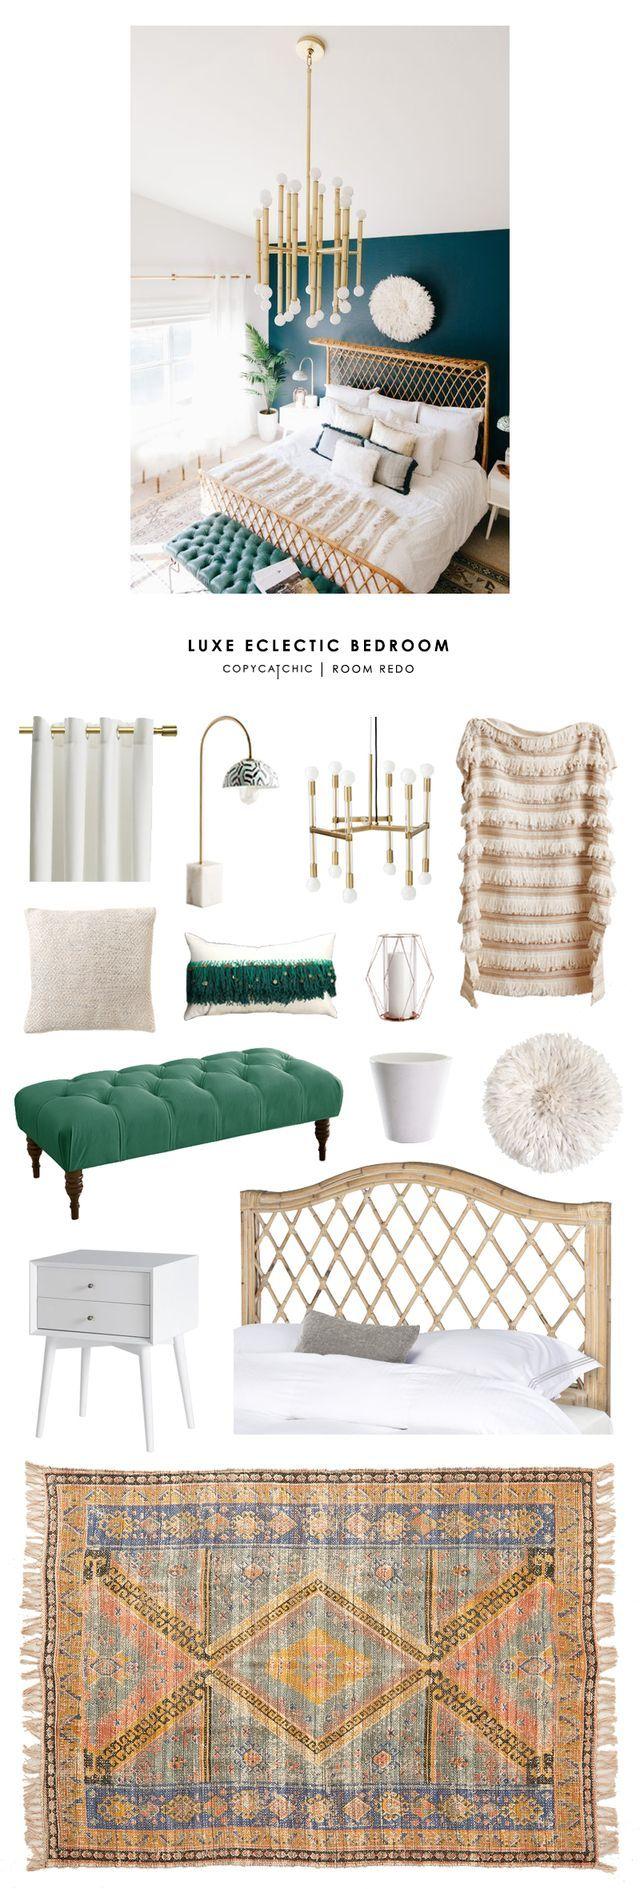 Copy Cat Chic Room Redo | Luxe Eclectic Bedroom